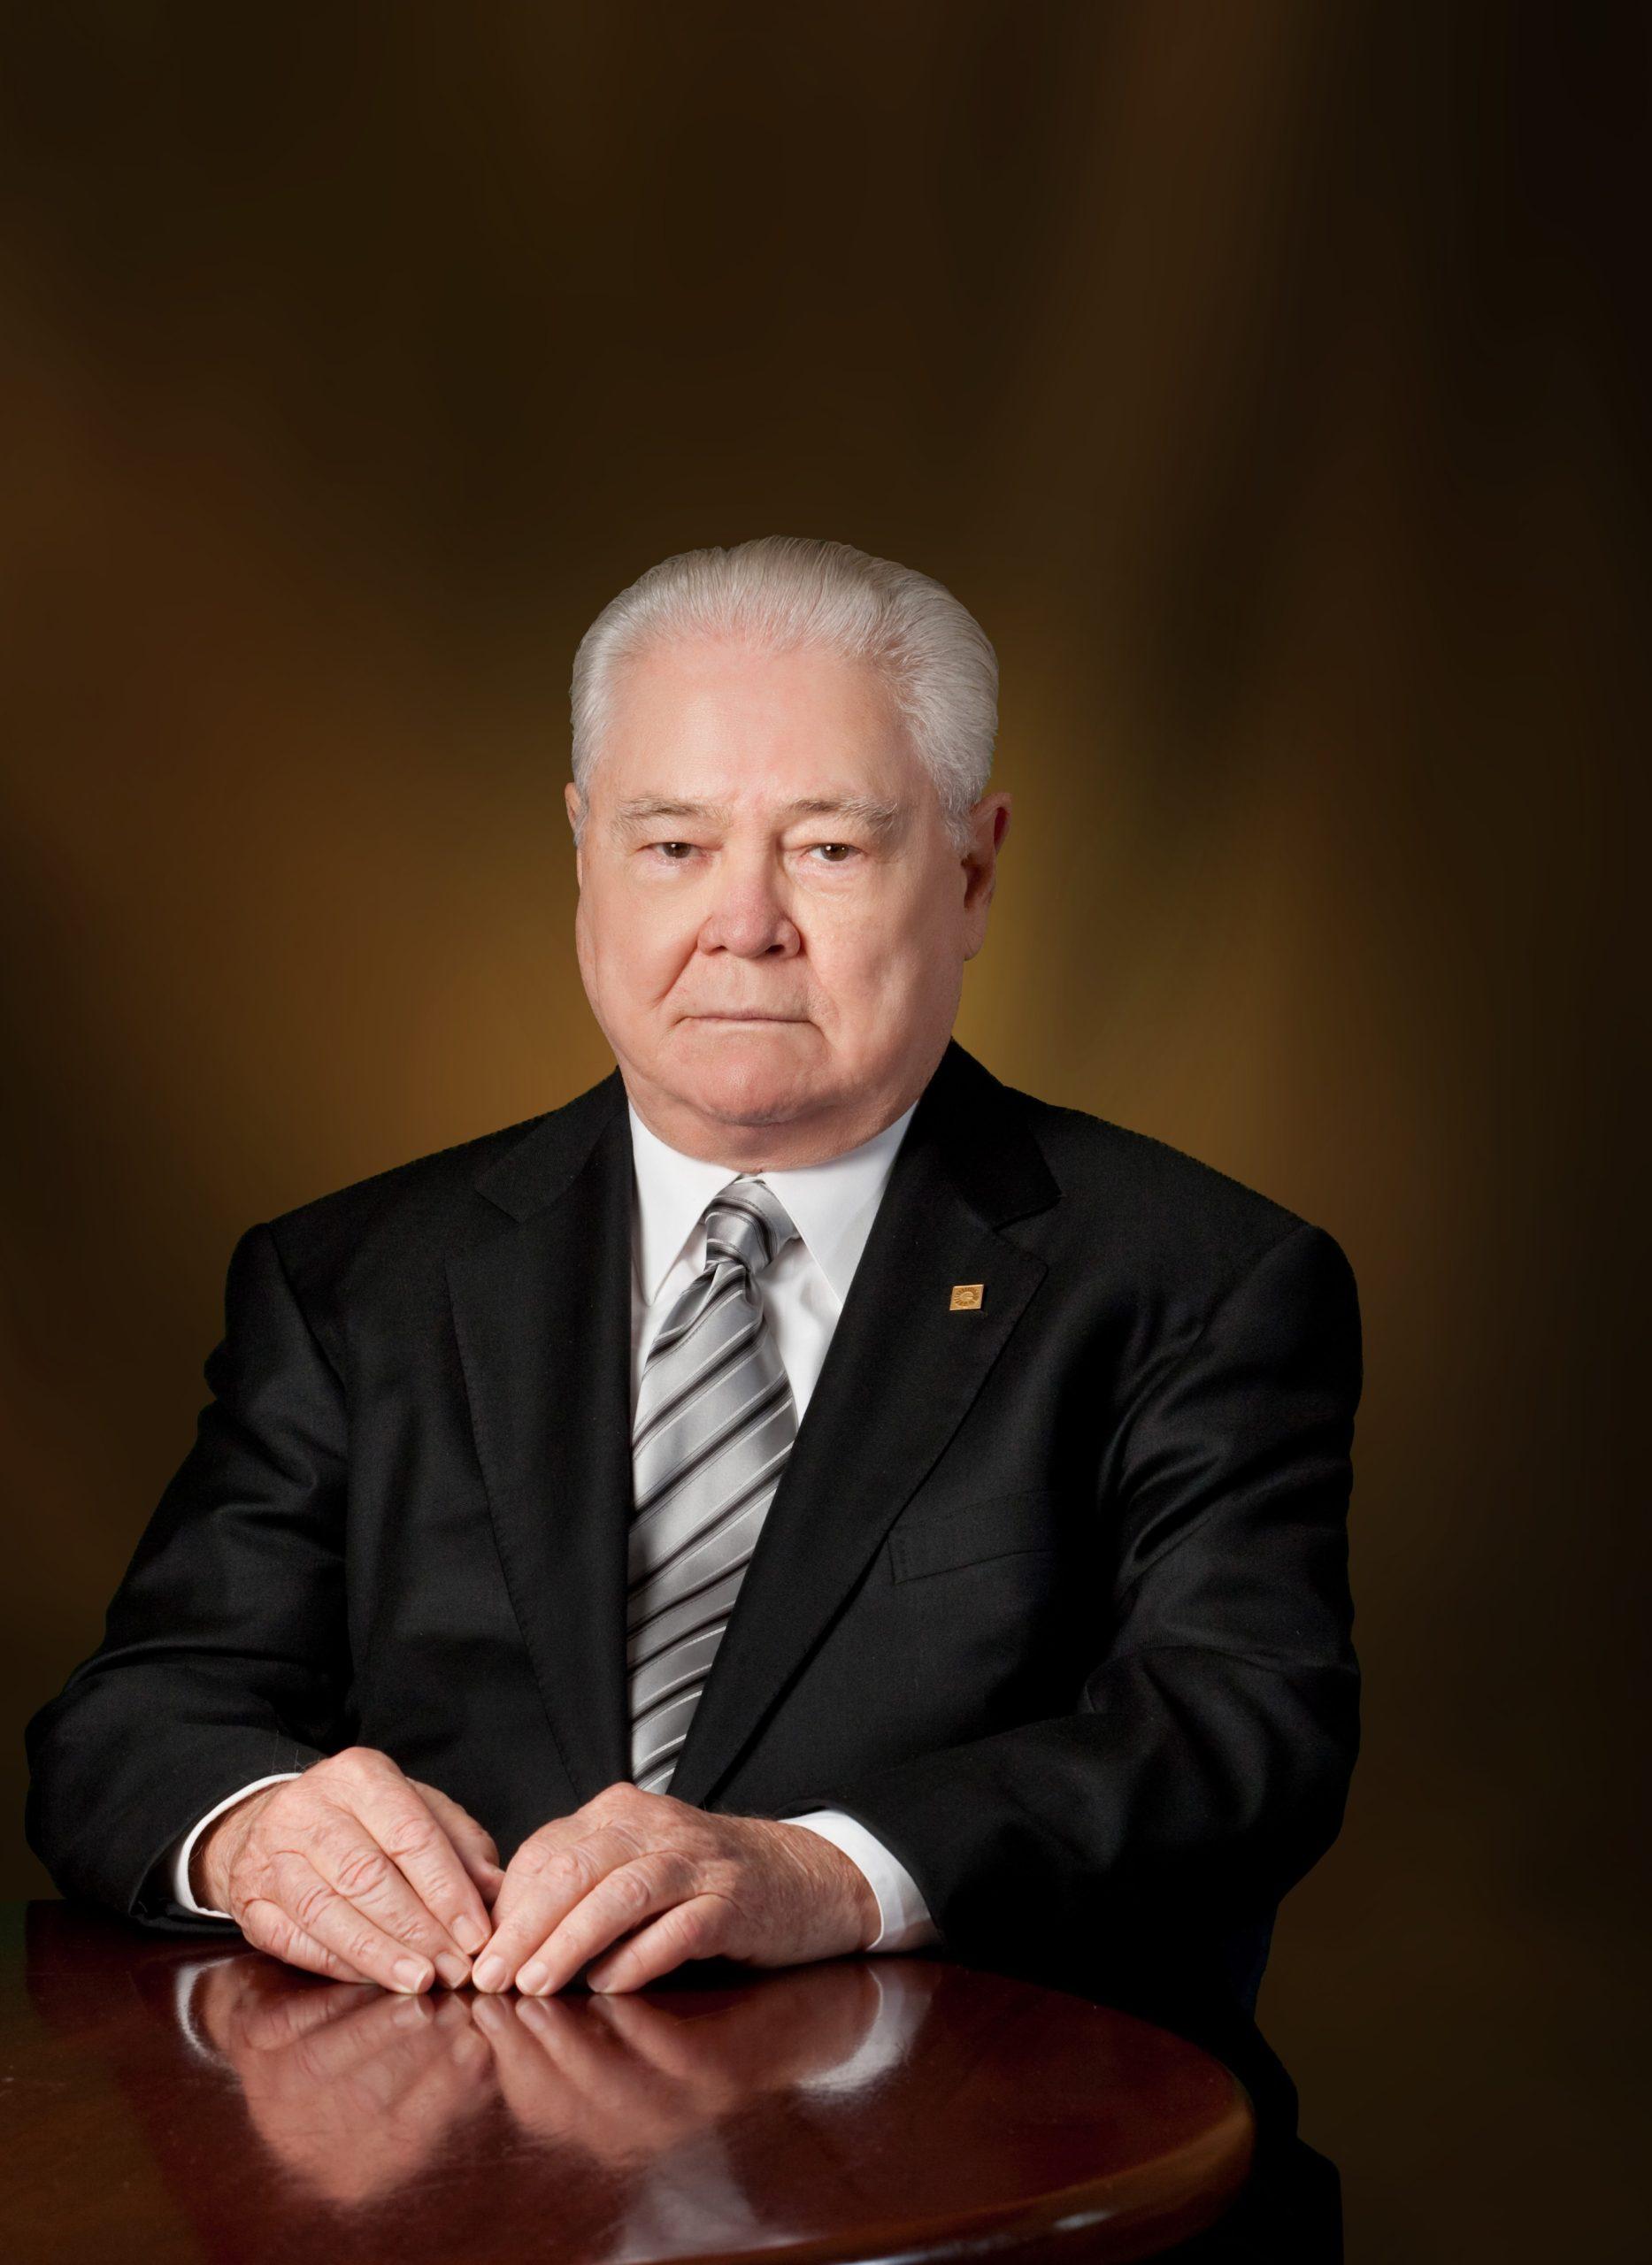 Señor Alejandro E. Grullón E